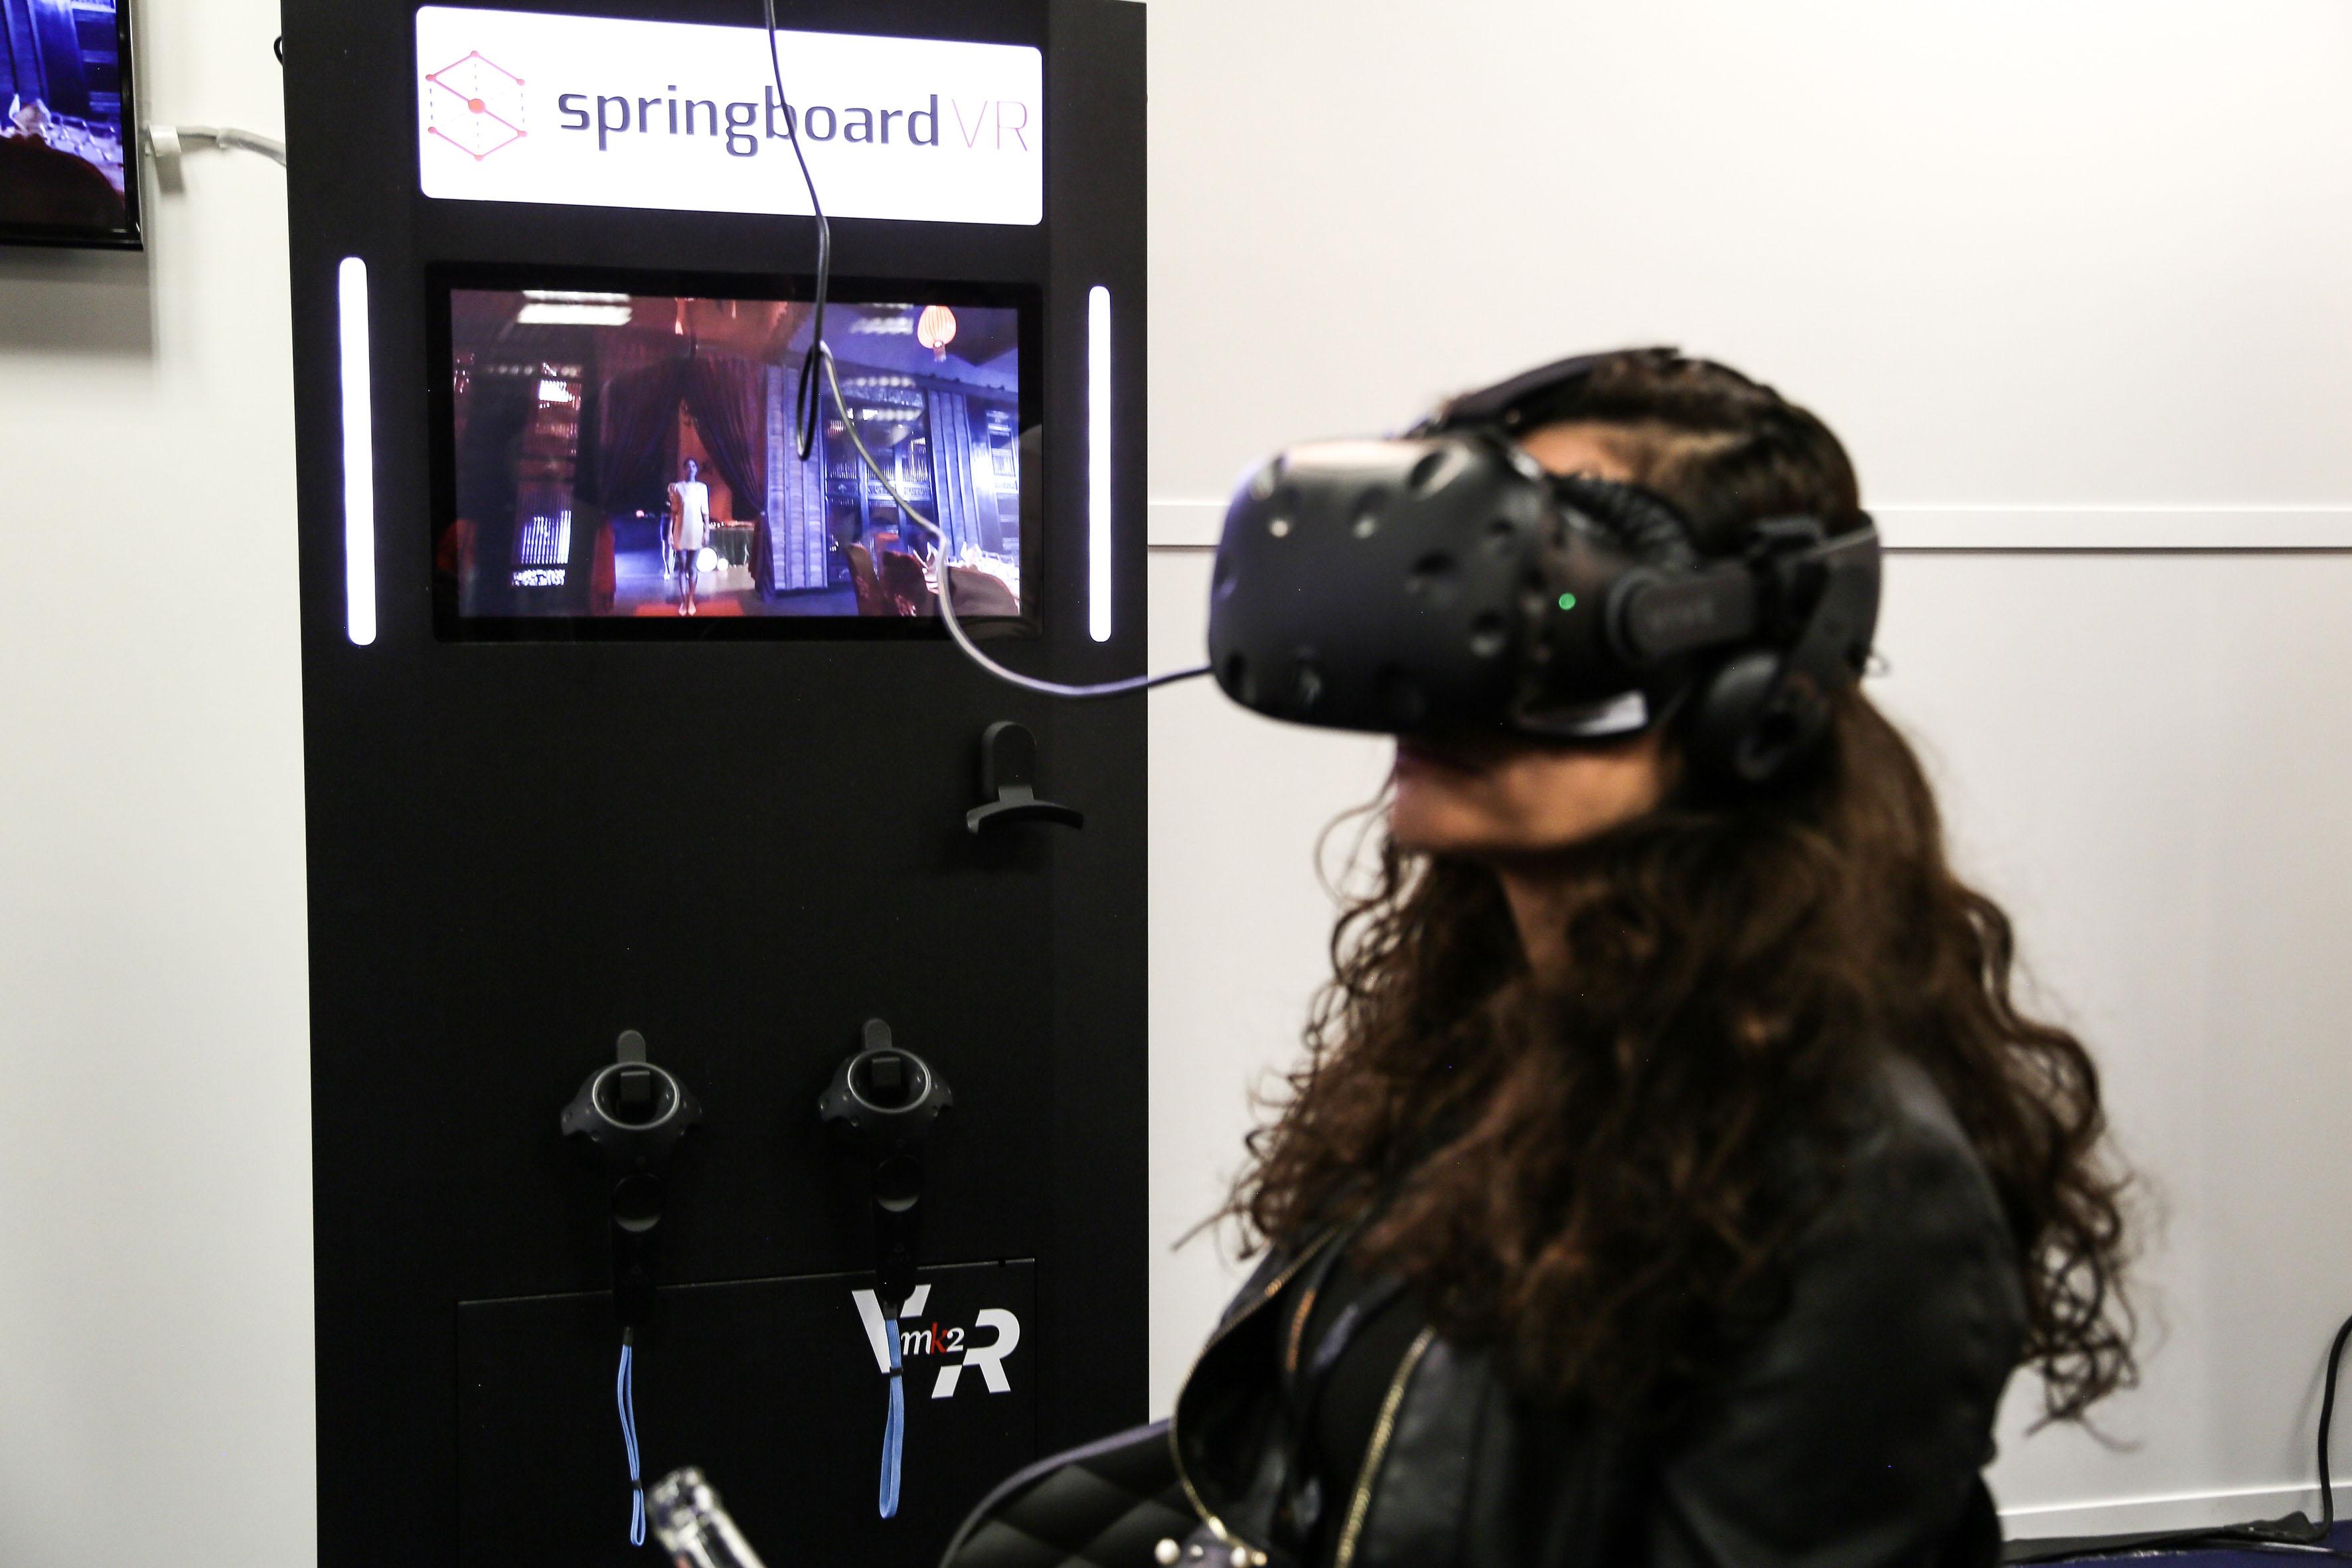 台灣VR影片國際矚目 坎城市場展吸引各國買家一探究竟 原住民音樂結合VR互動影片《Oli邊境》 驚艷各國影展選片人 Ezouaa10